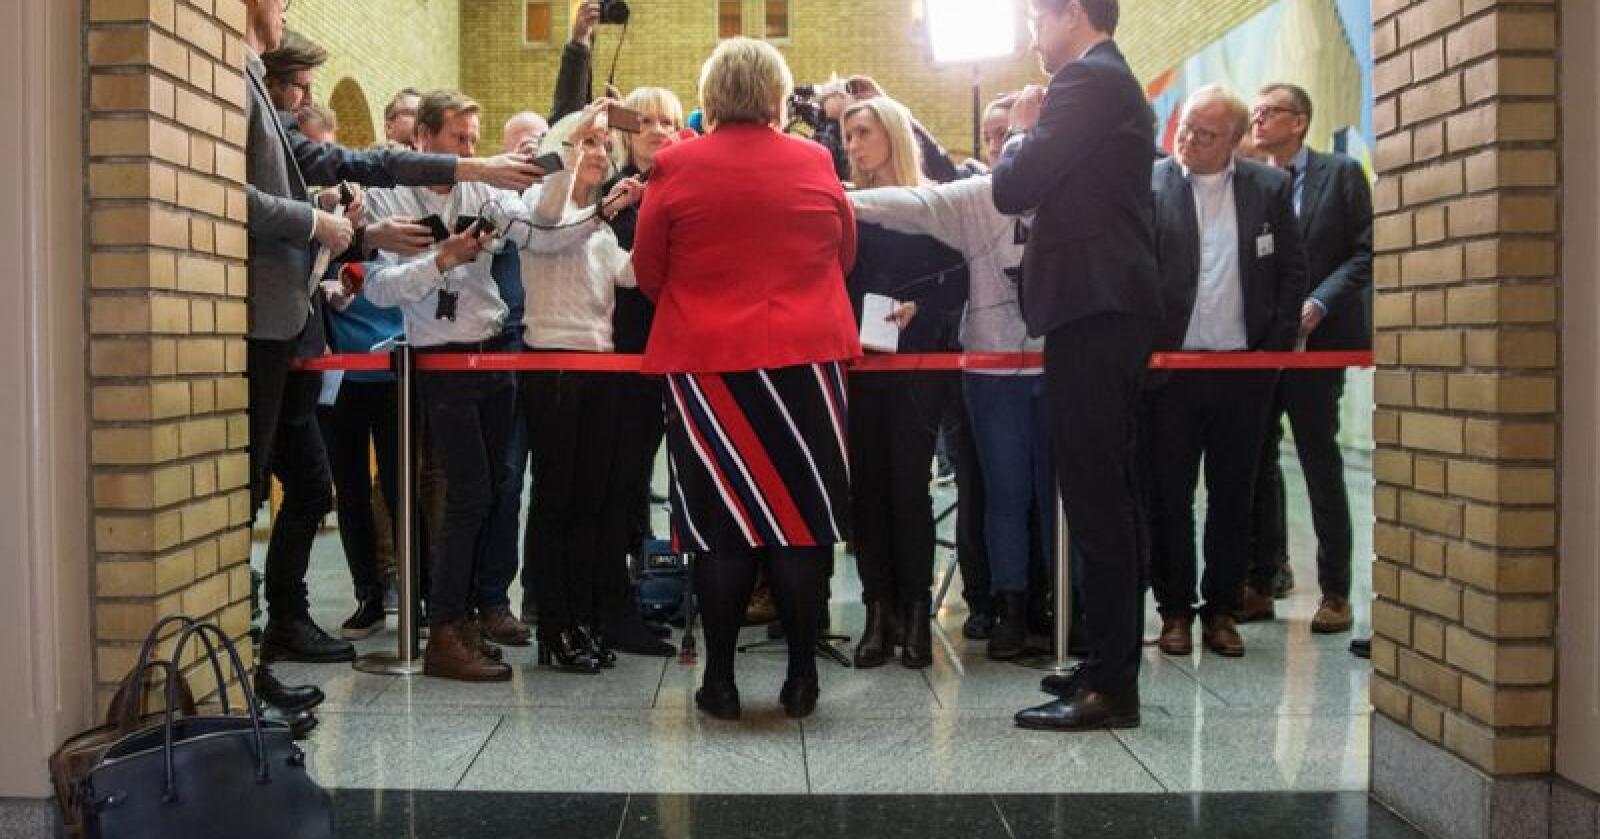 Flokk: Kanskje bør journalister springe mindre på pressekonferanser som regjeringen, konsernledere og kjendiser inviterer til. Foto: Ole Berg-Rusten / NTB Scanpix